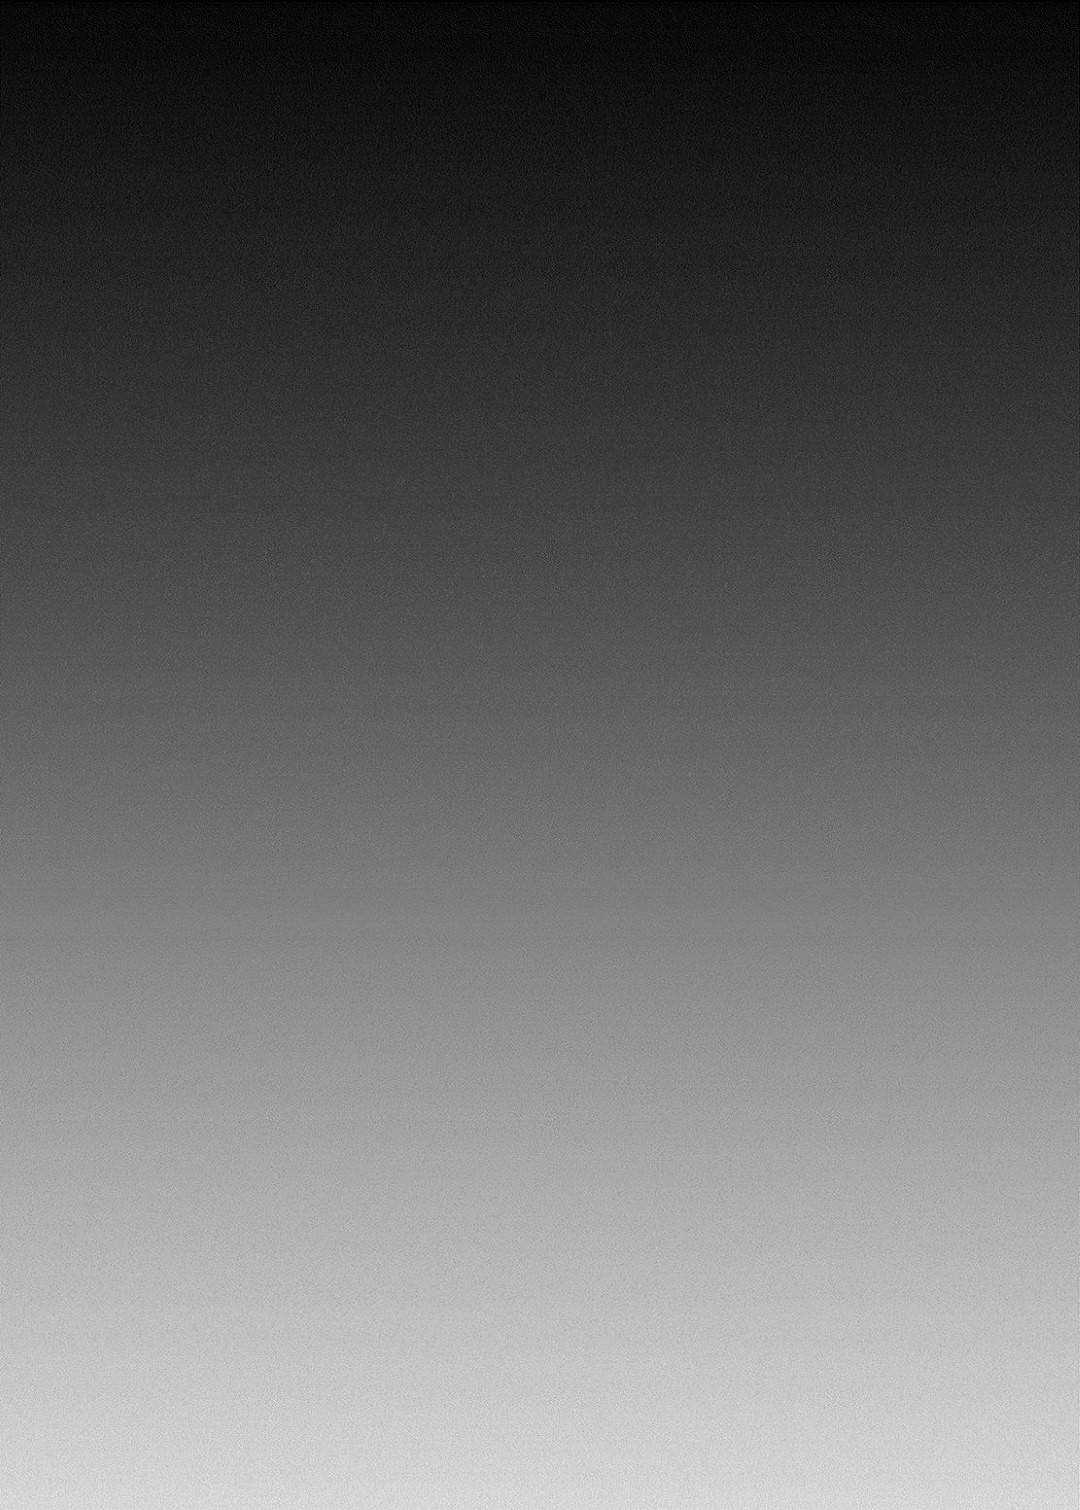 【エロ漫画】タクシーに乗ったら運転手に媚薬を吹きかけられて襲われた巨乳お姉さん…無理やりパイズリイラマチオからの生ハメレイプされて陵辱アクメ堕ち【翡翠石:チャンピオン&ジムリーダーと蒸れ群れ!?チンポバトルレイプ】